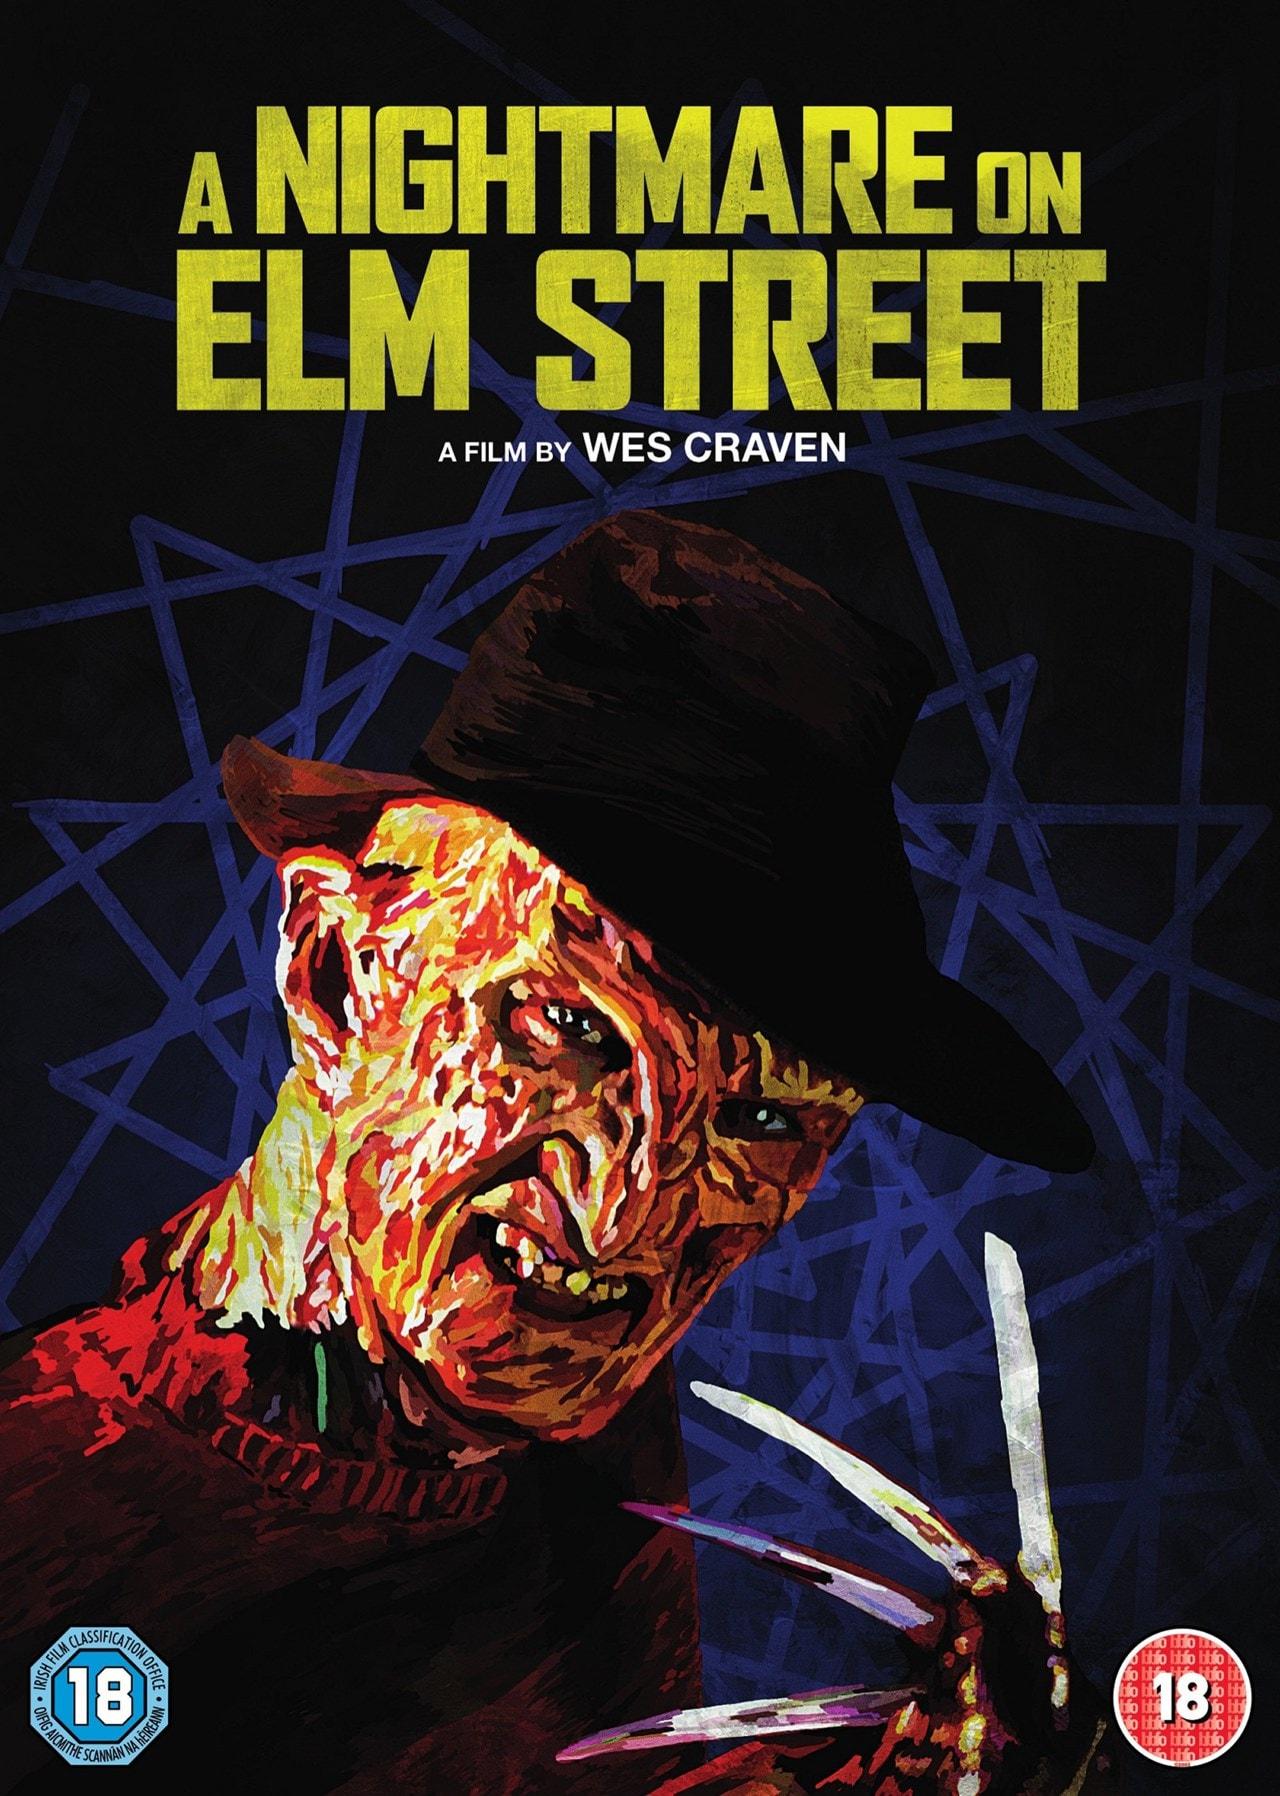 A Nightmare On Elm Street - 1